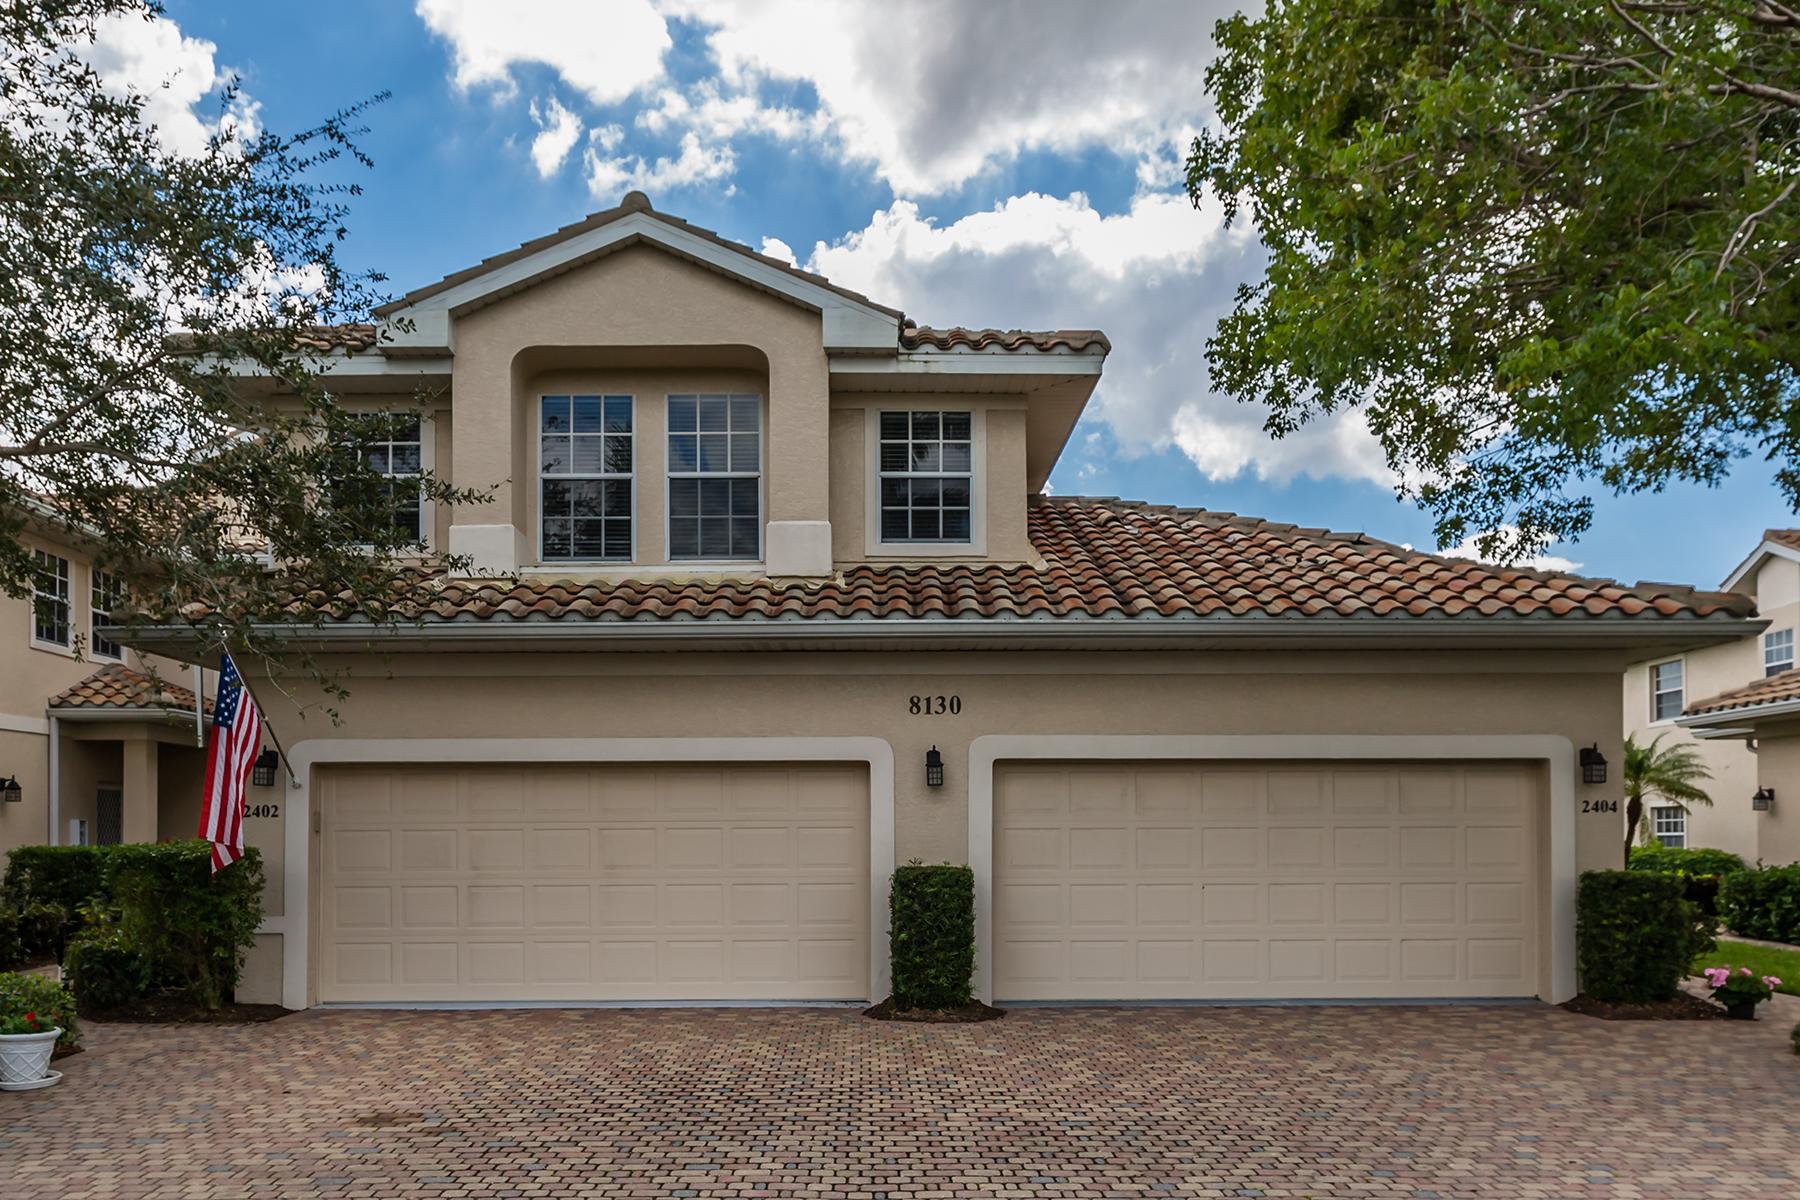 Condominium for Sale at LELY RESORT 8130 Saratoga Dr 2402, Naples, Florida, 34113 United States